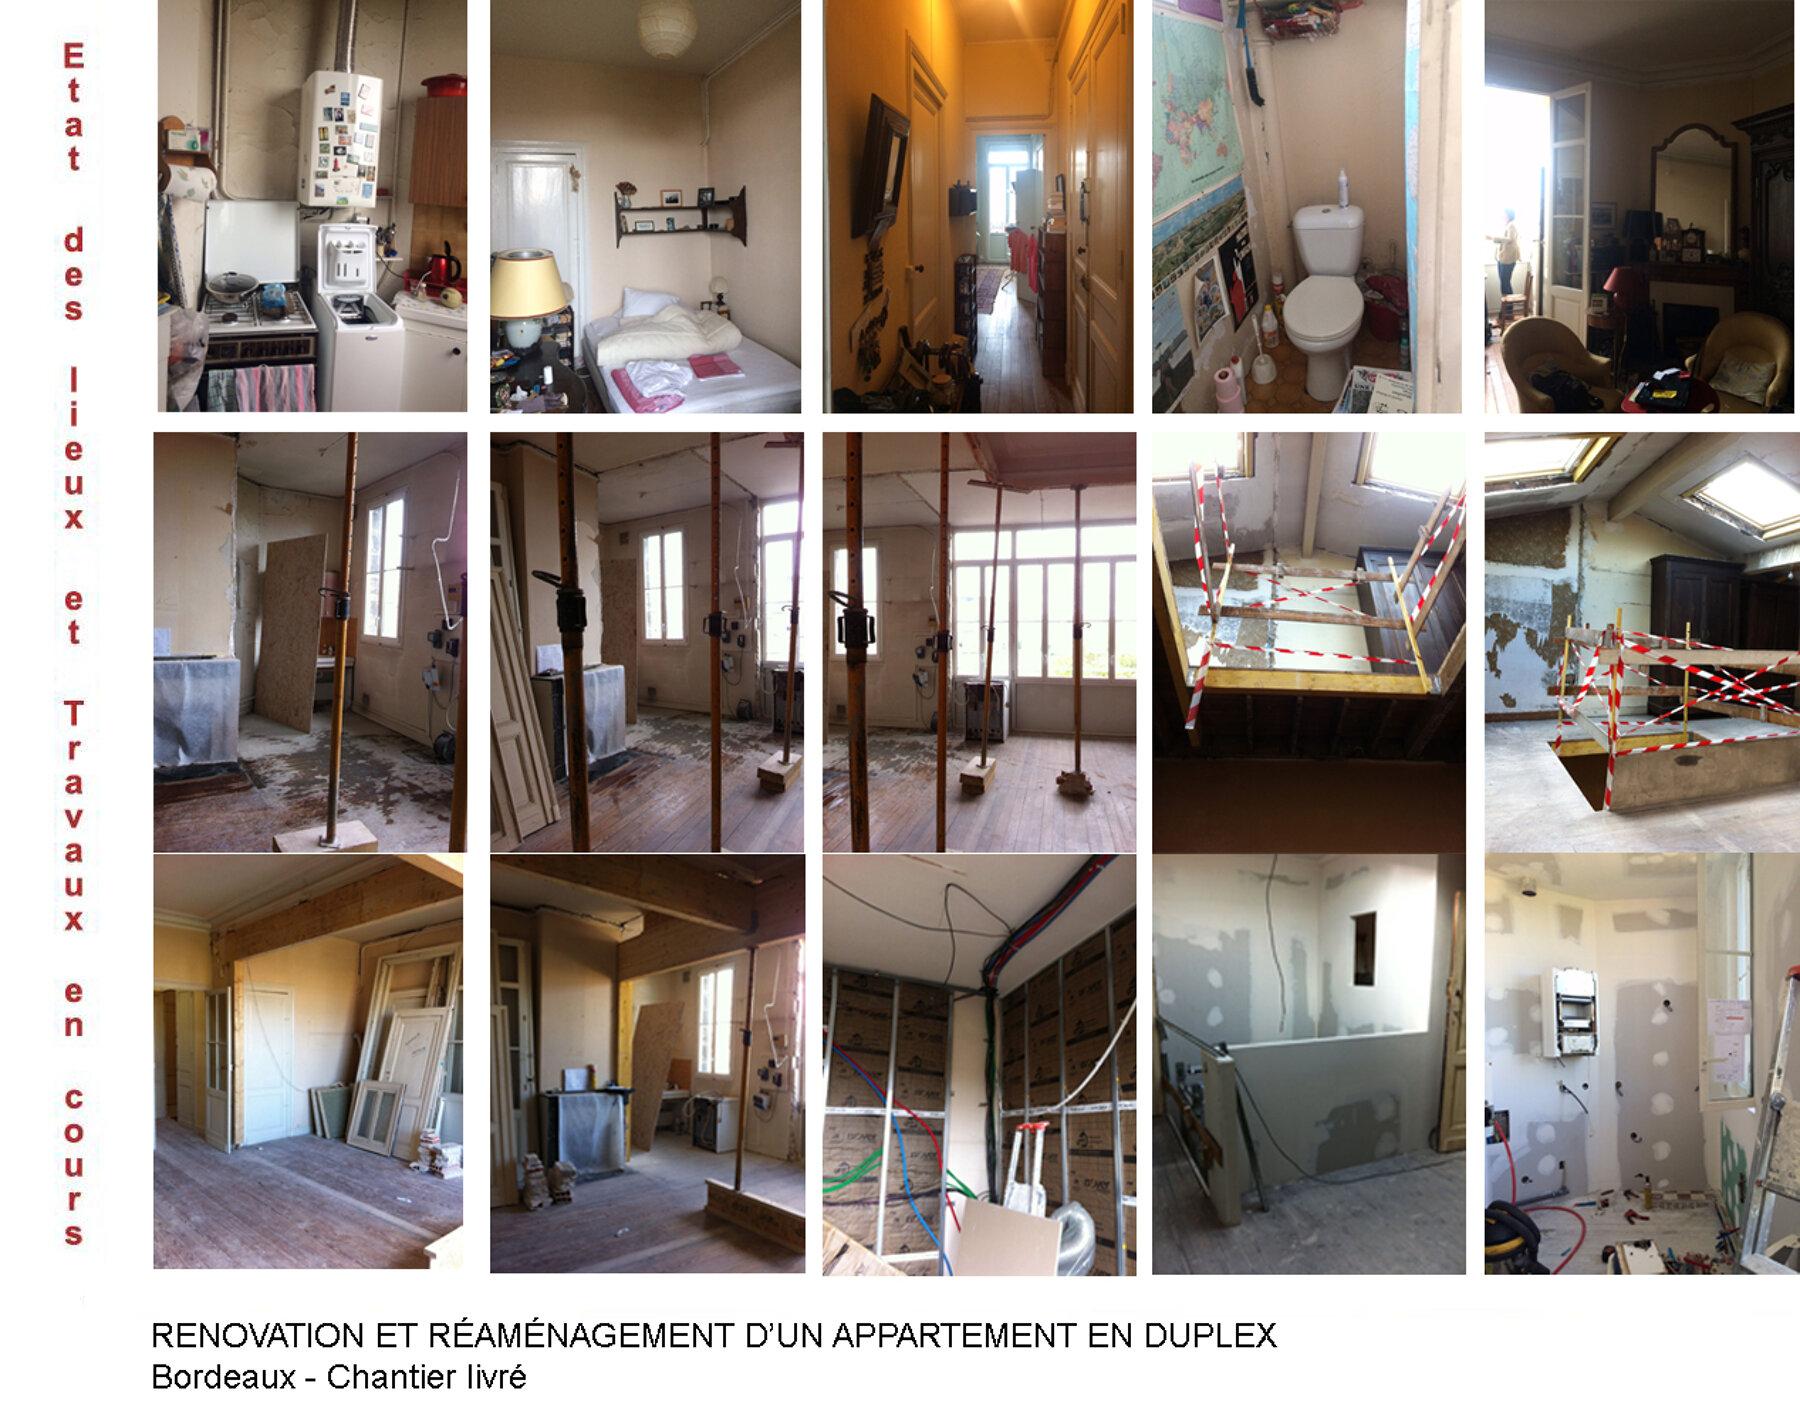 Rénovation d'un appartement et réaménagement en duplex